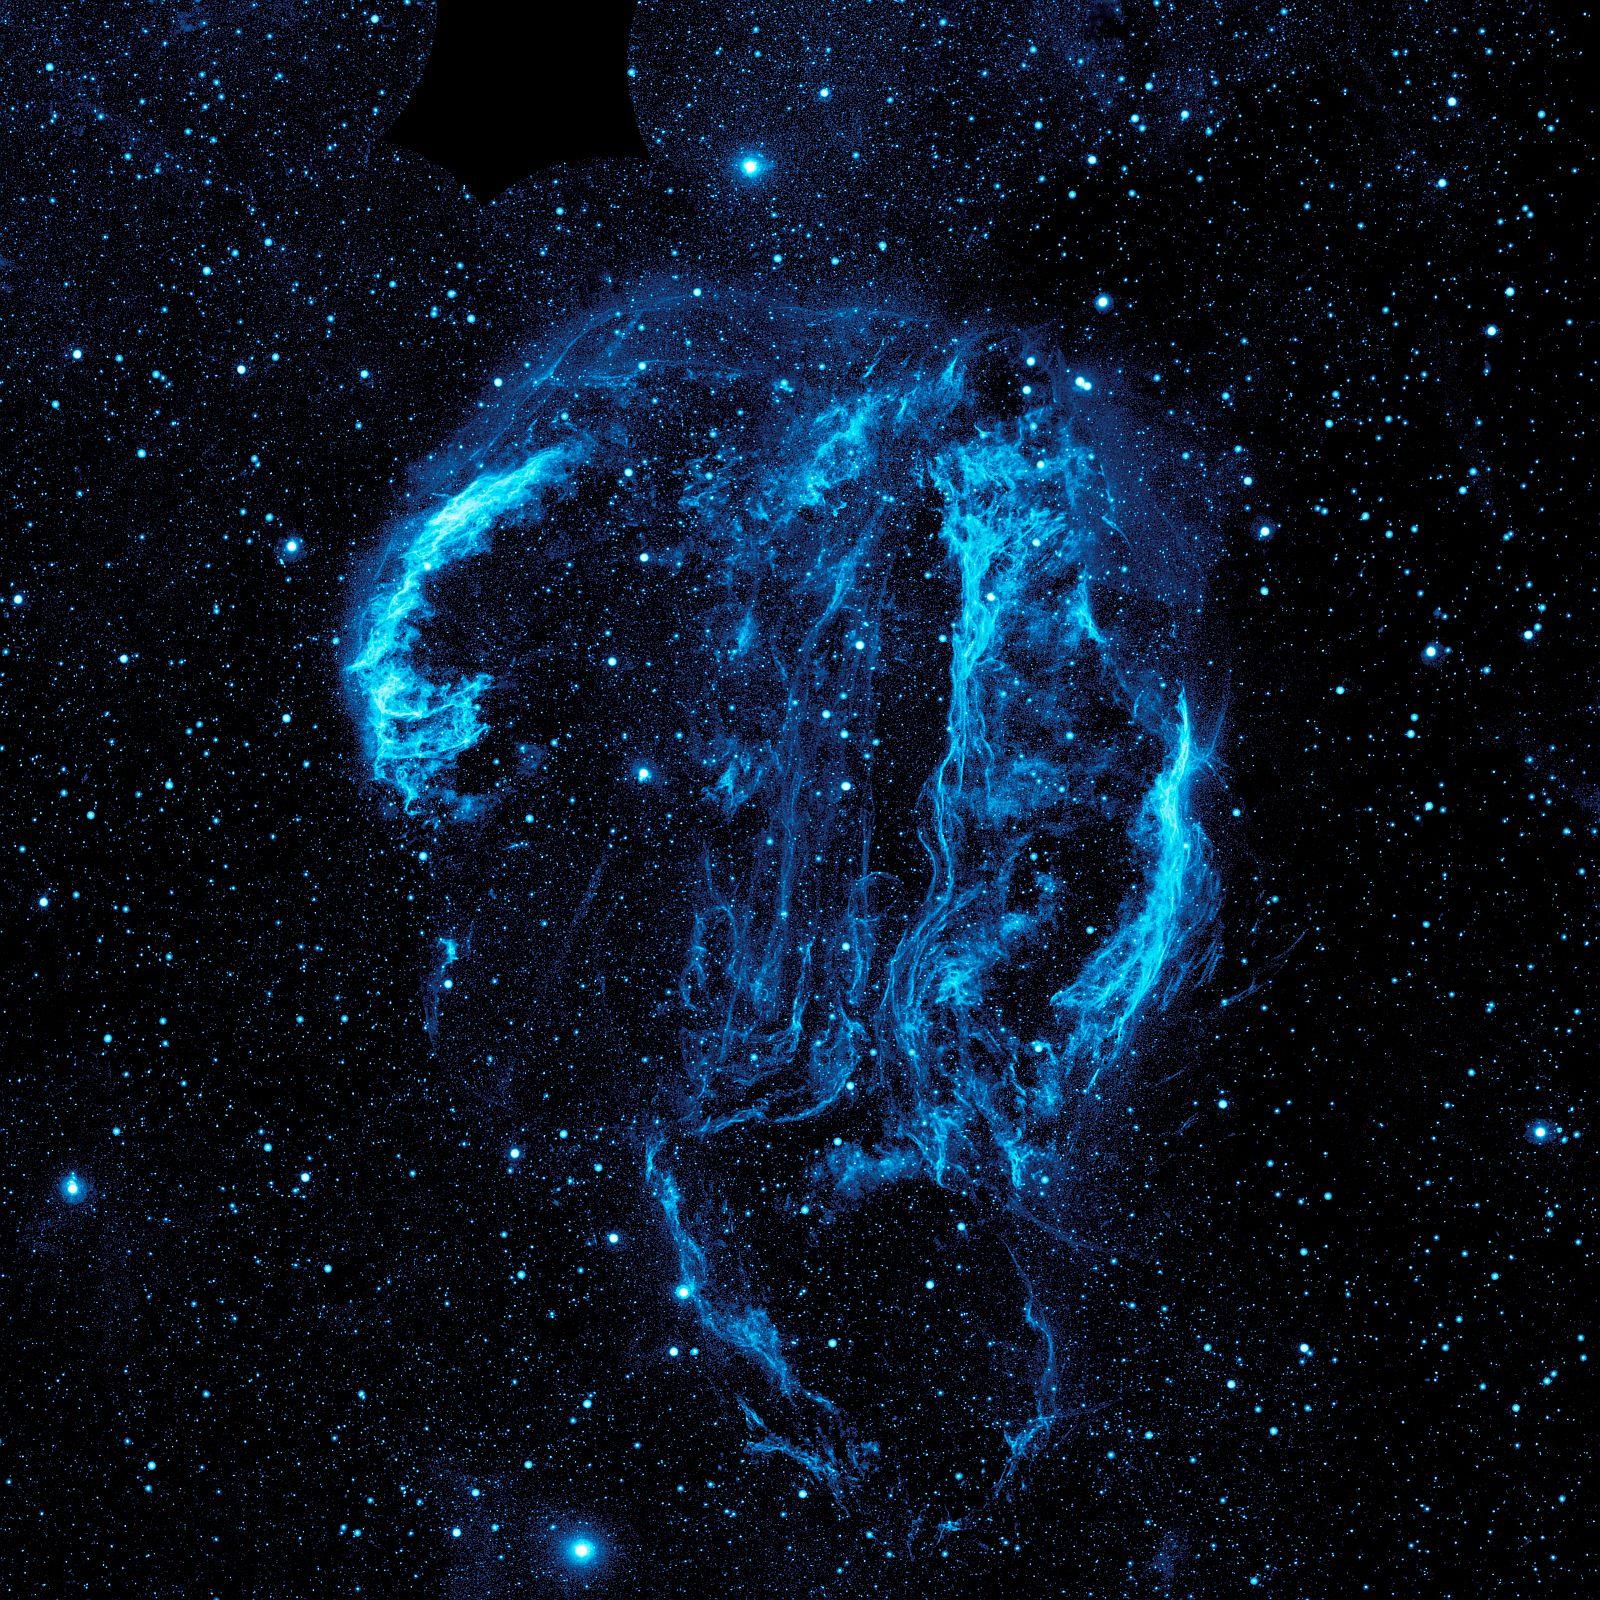 Туманность петля Лебедя, УФ снимок